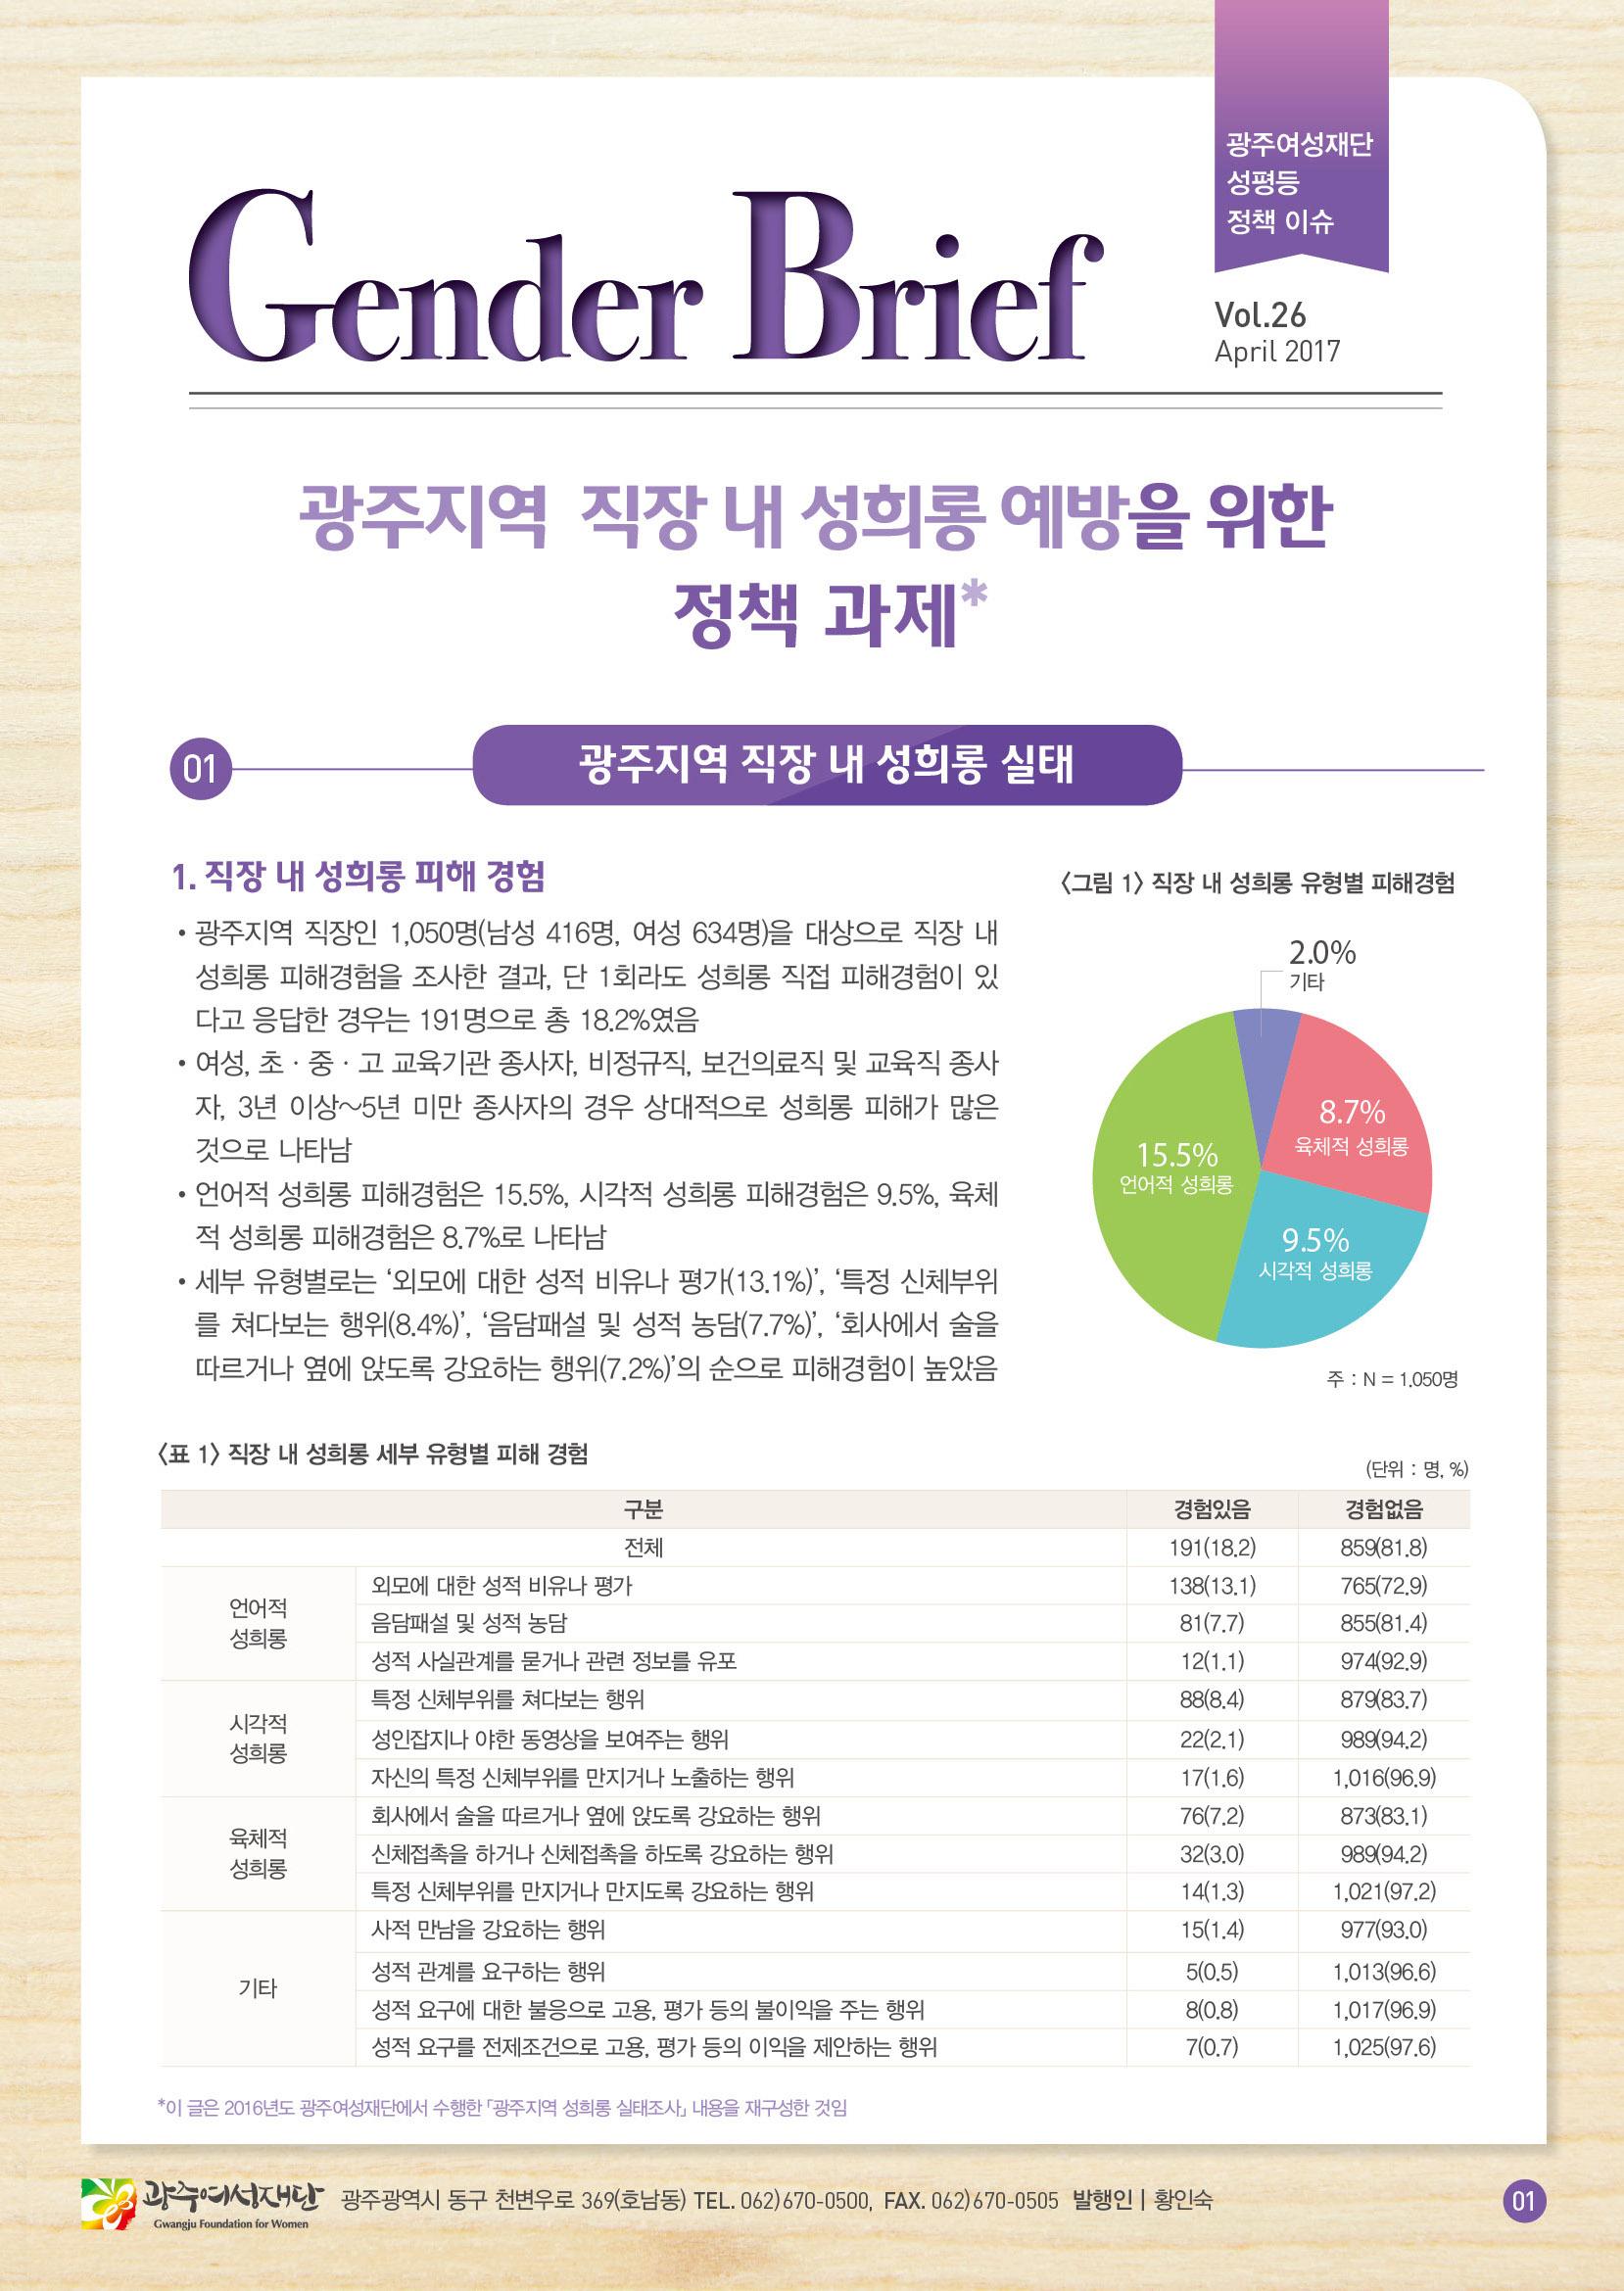 젠더브리프 제26호-광주지역 직장 내 성희롱 예방을 위한 정책 과제